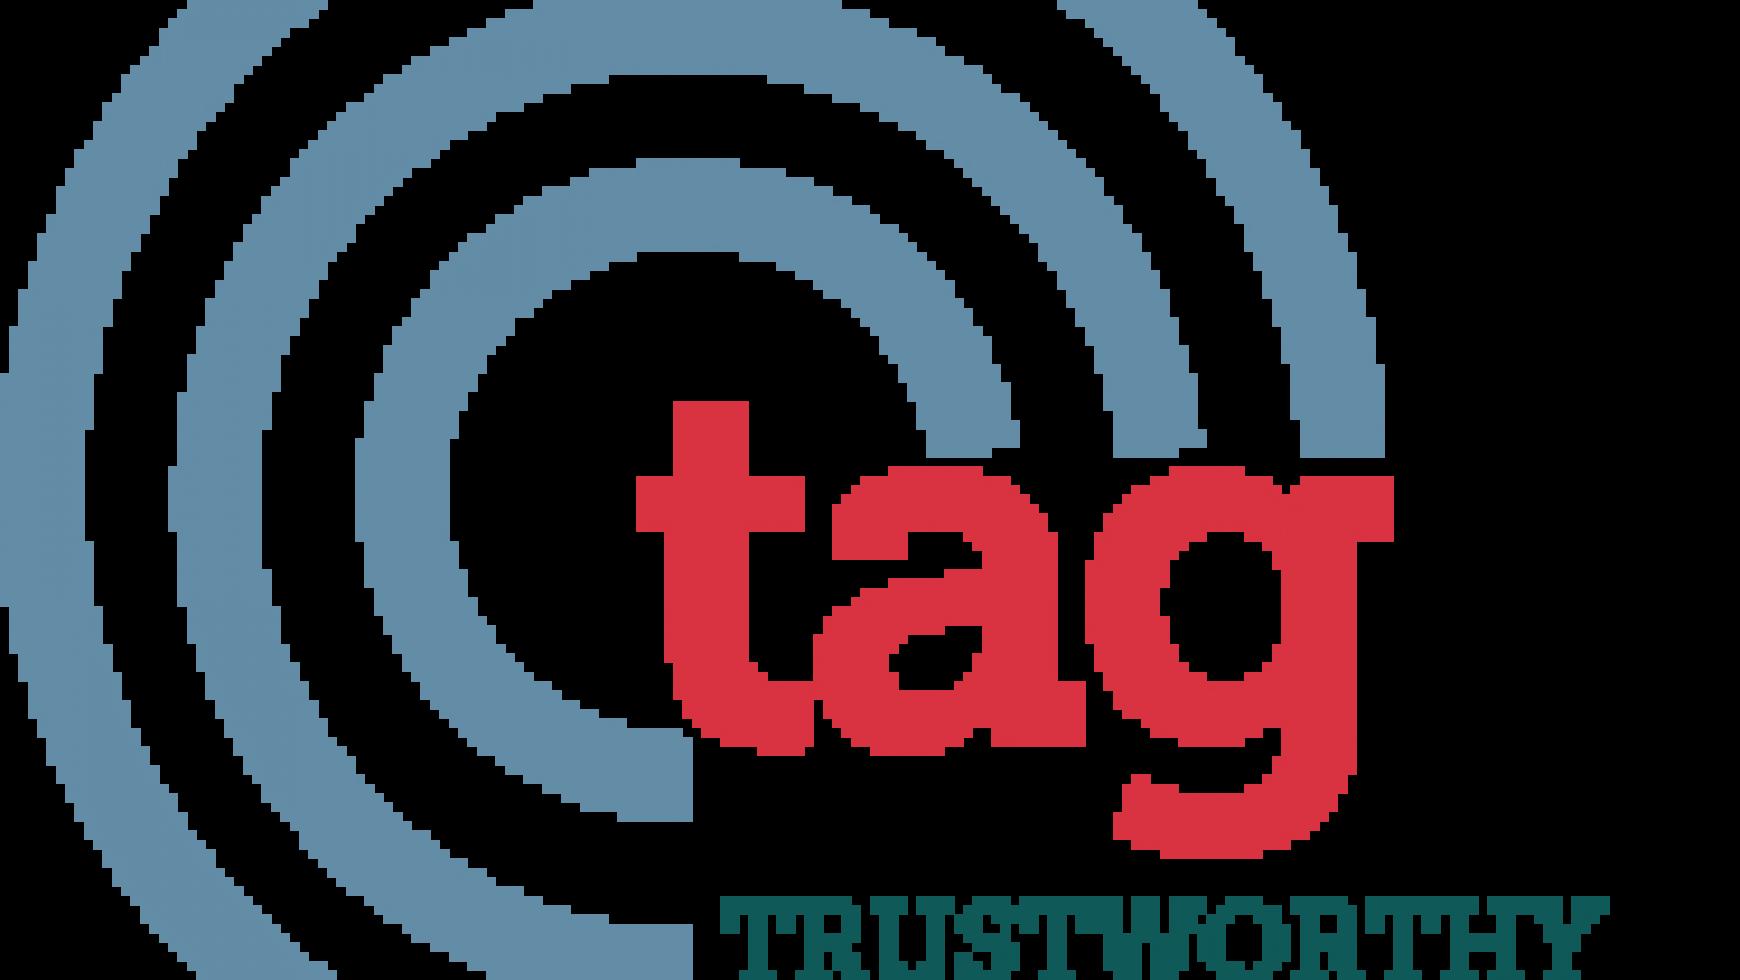 Trustworthy Accountability Group (TAG)